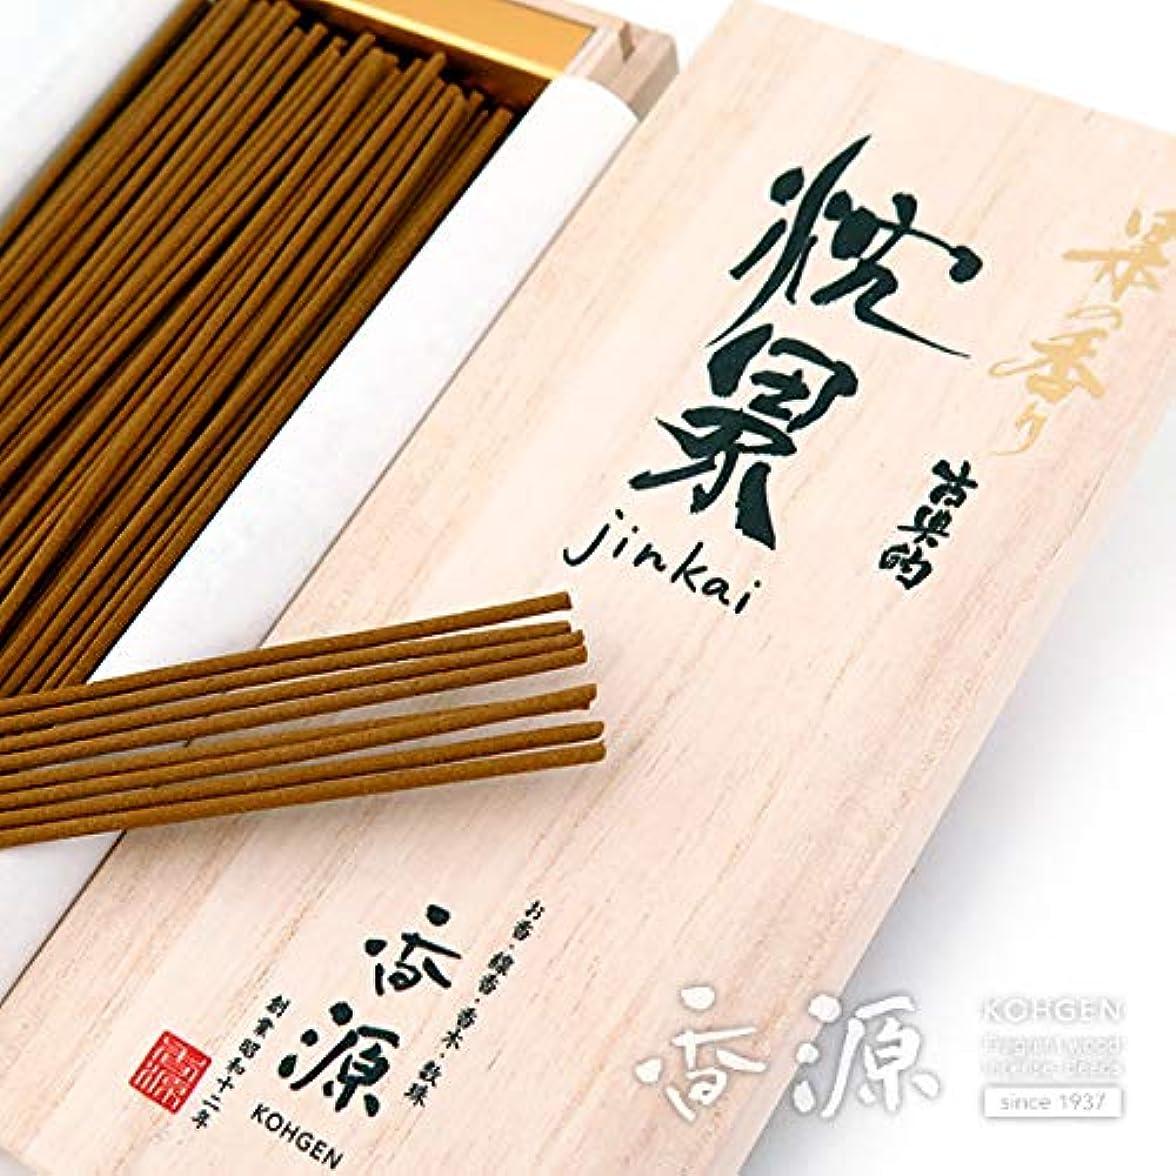 酒アイデア前売香源オリジナル 日本の香り 沈界 短寸桐箱入 お香 お線香 スティック型インセンス 完全限定品 沈香